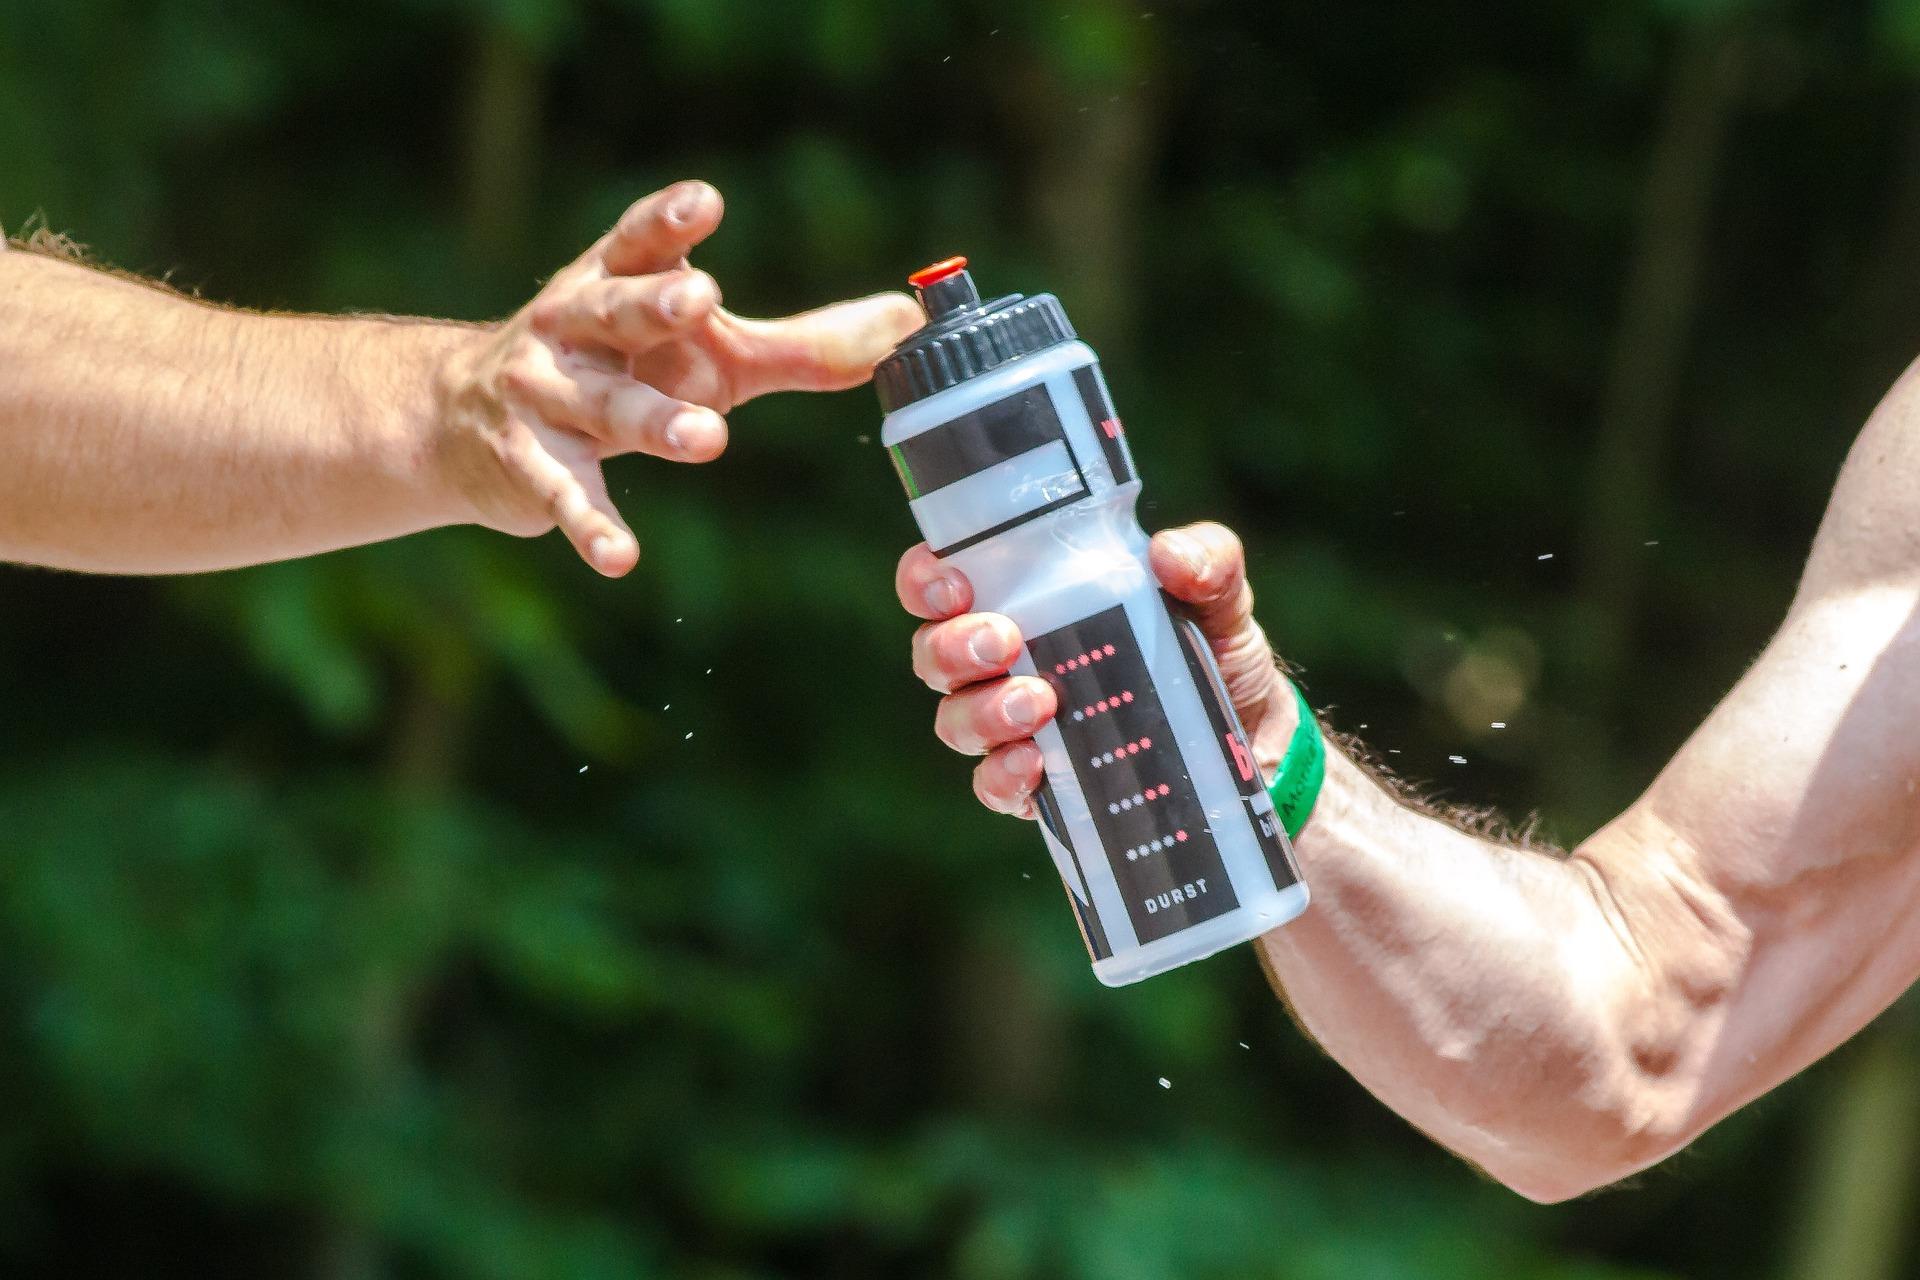 Sportgetränke - isotonische Getränke - Trinken als Fußballer